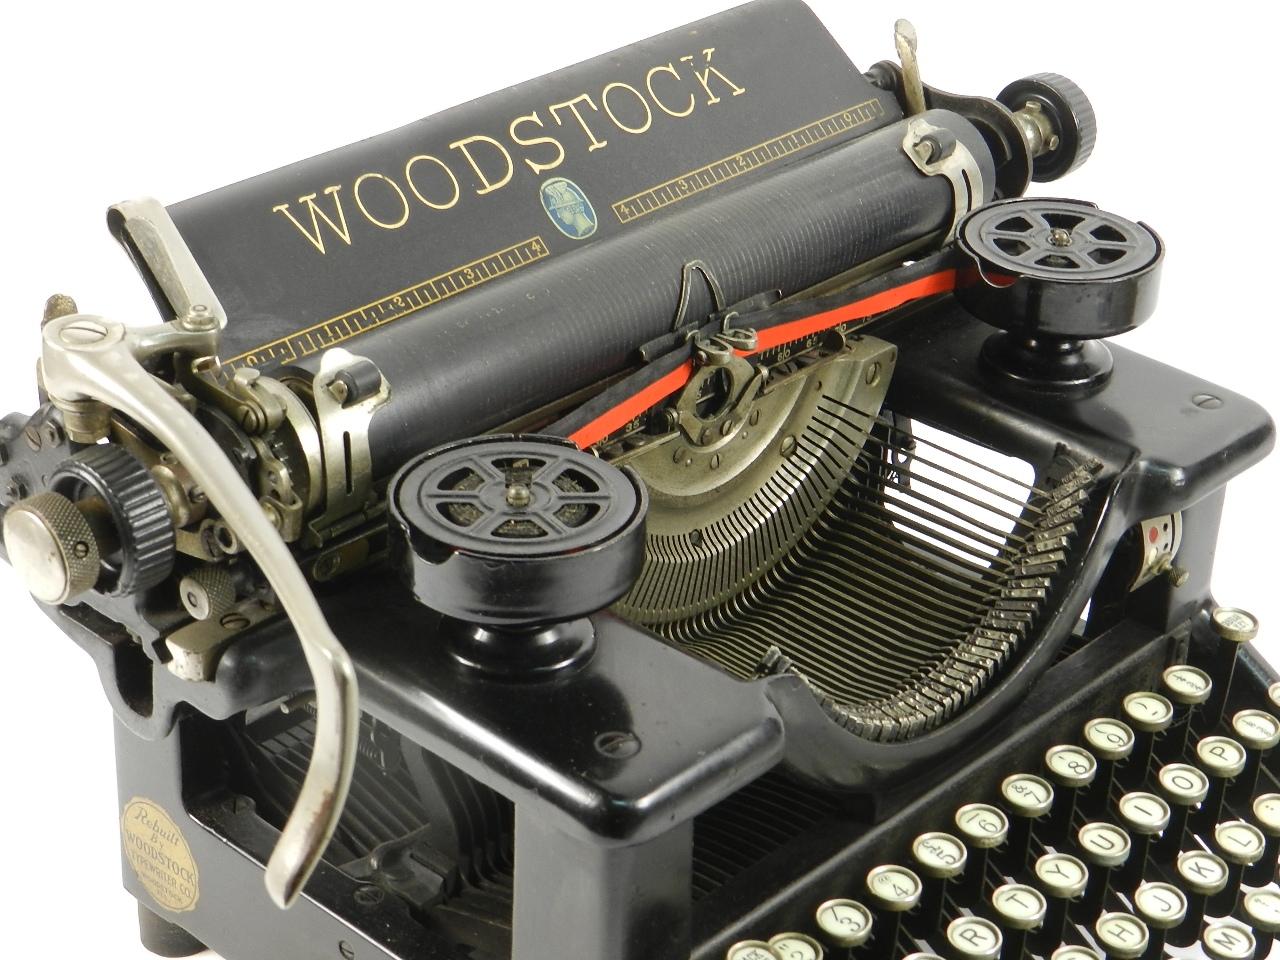 Imagen WOODSTOCK  Nº5 AÑO 1923 33302